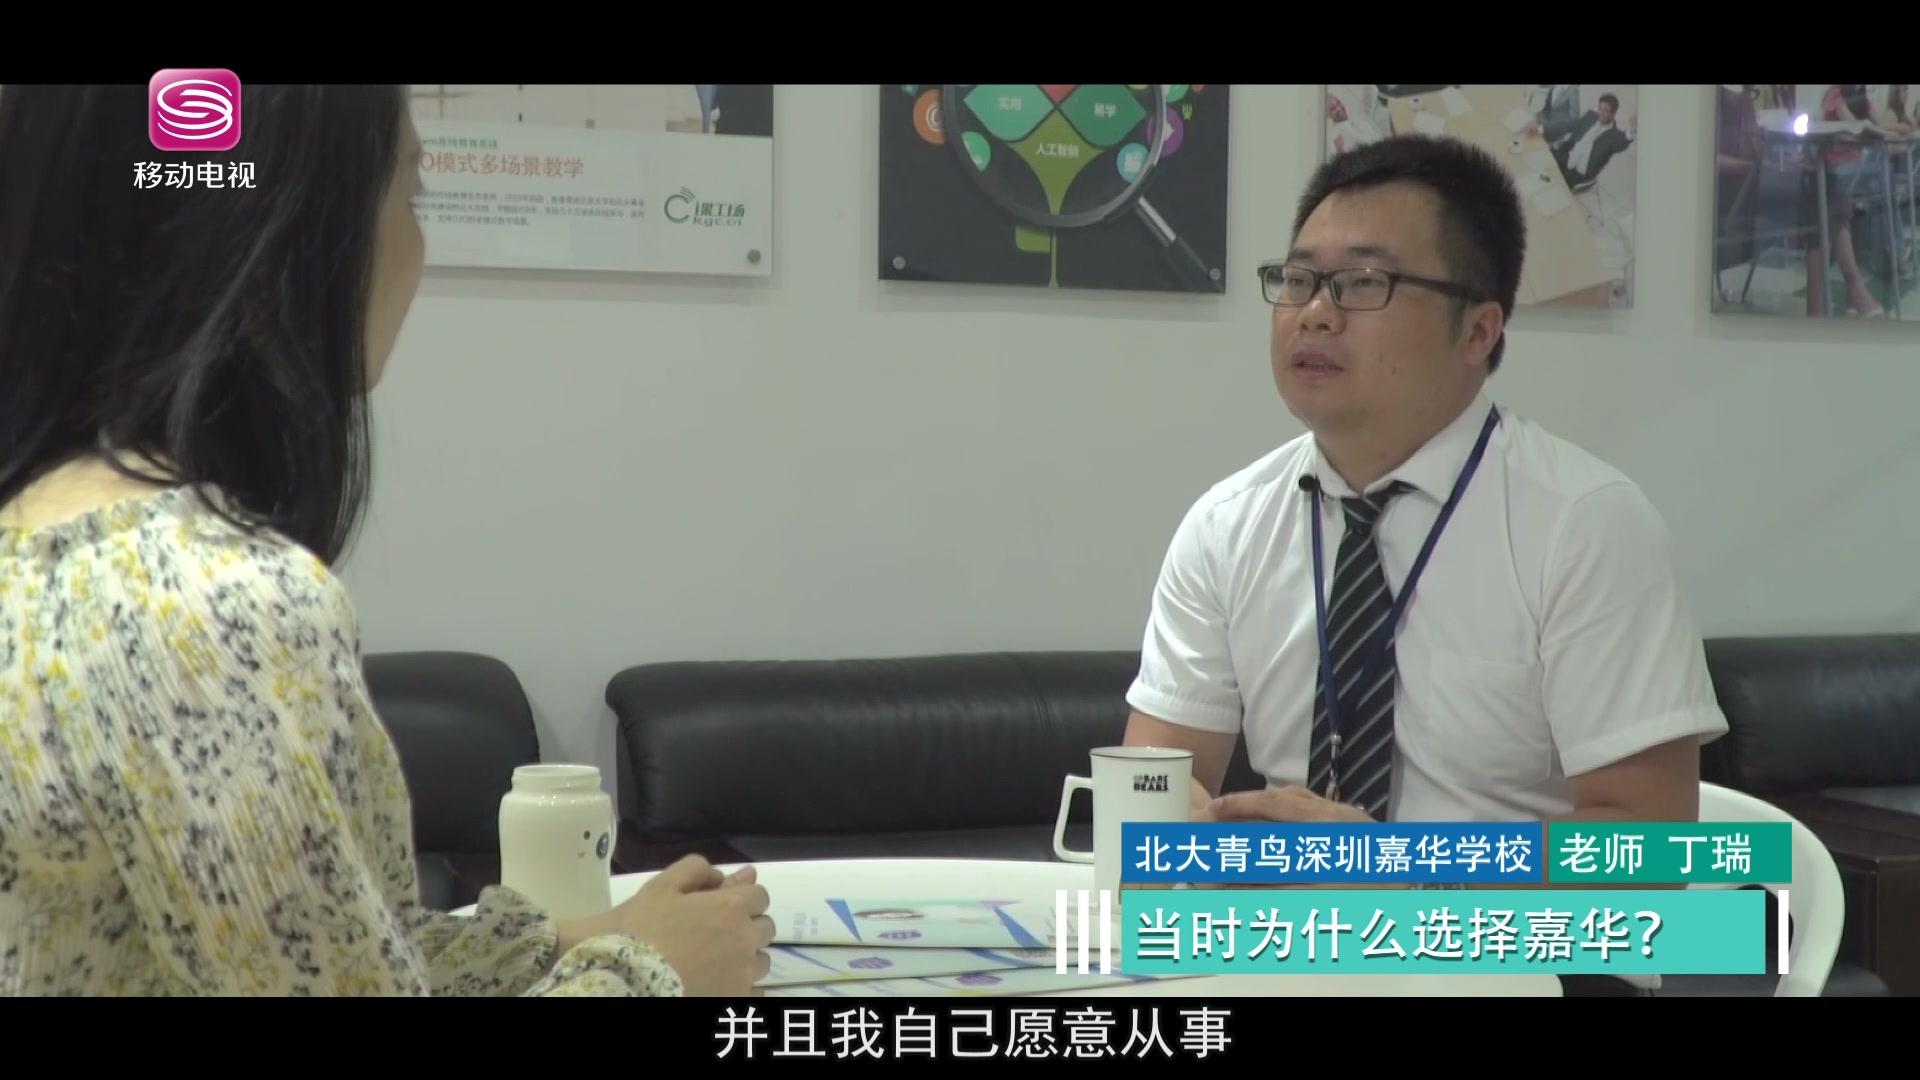 《职场前沿》418期--北大青鸟深圳嘉华教师篇2